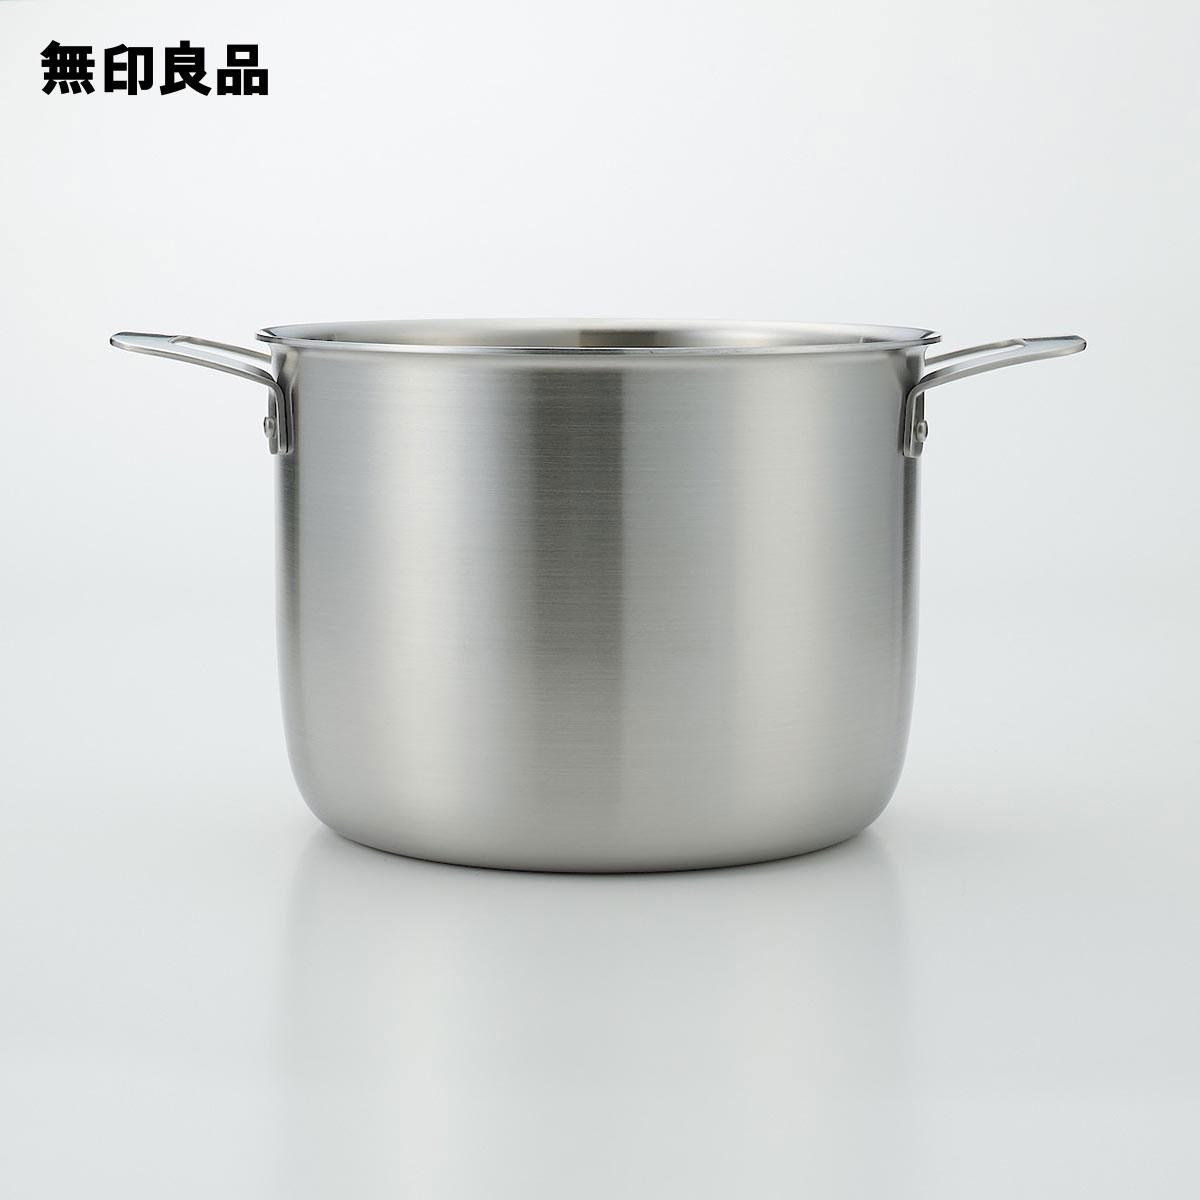 【無印良品 公式】ステンレスアルミ全面三層鋼両手鍋 約6.0L/約幅33×高さ17cm